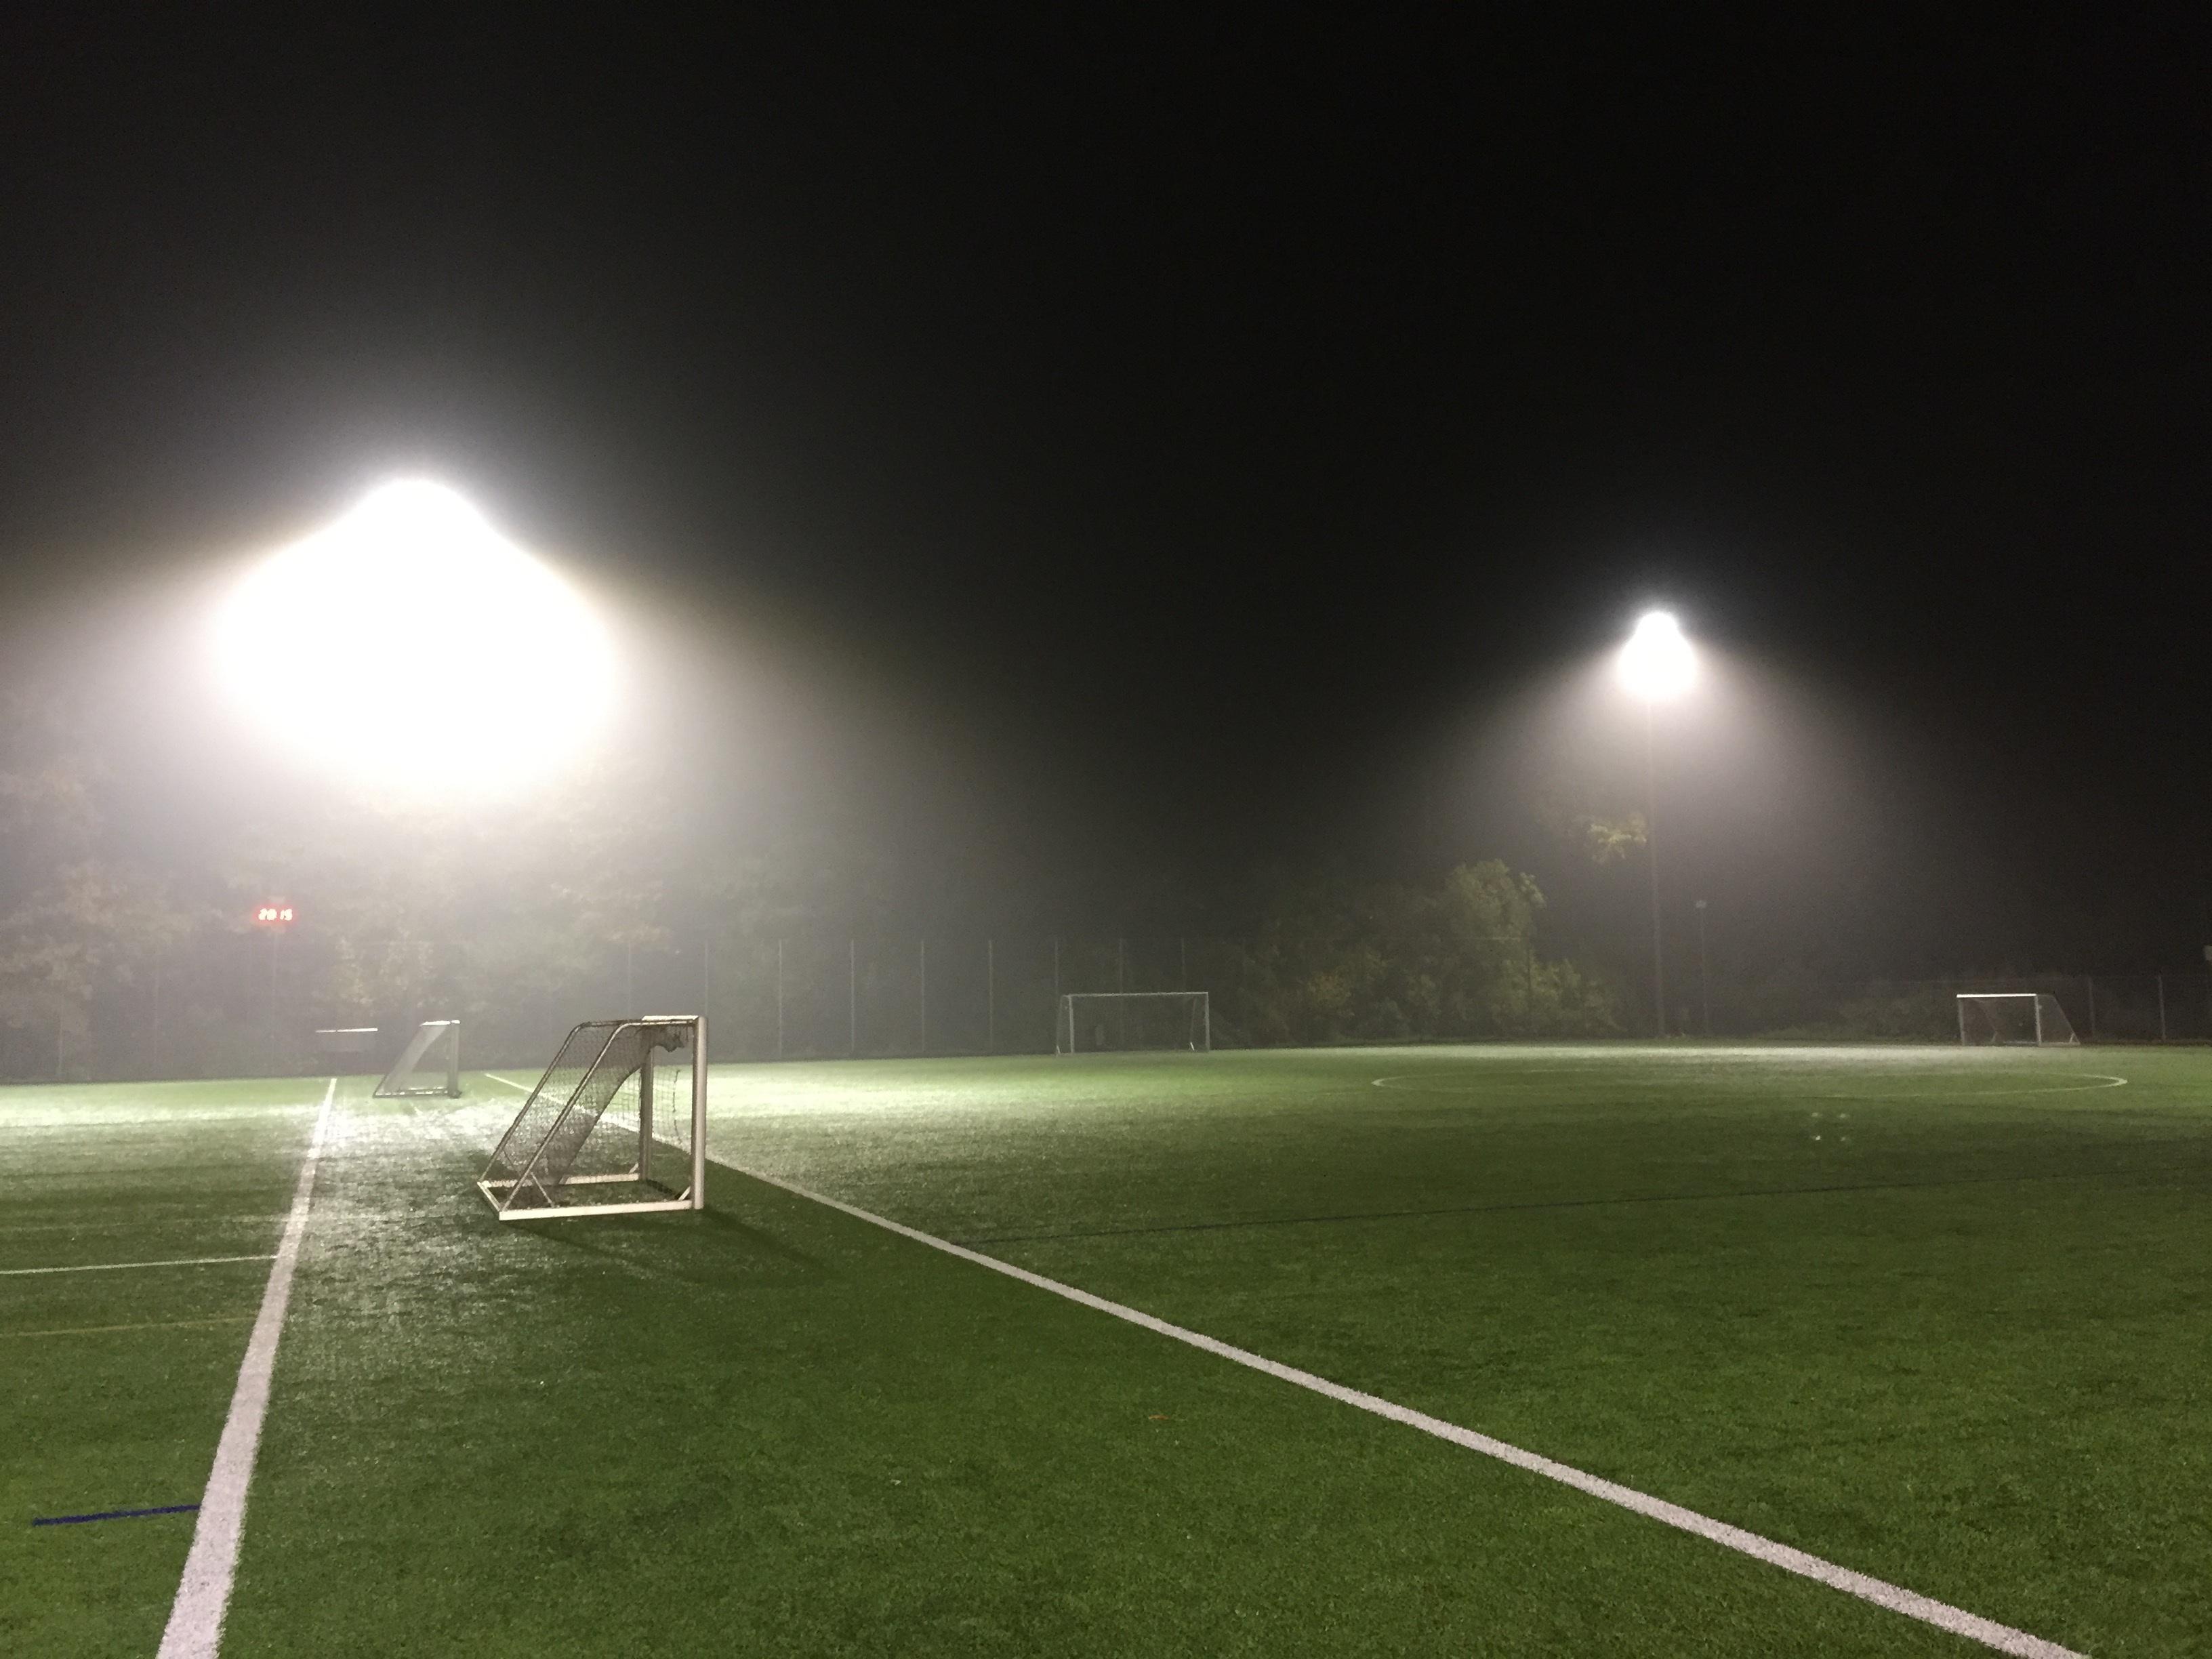 Kostenlose Foto Gras Licht Struktur Nacht Fussball